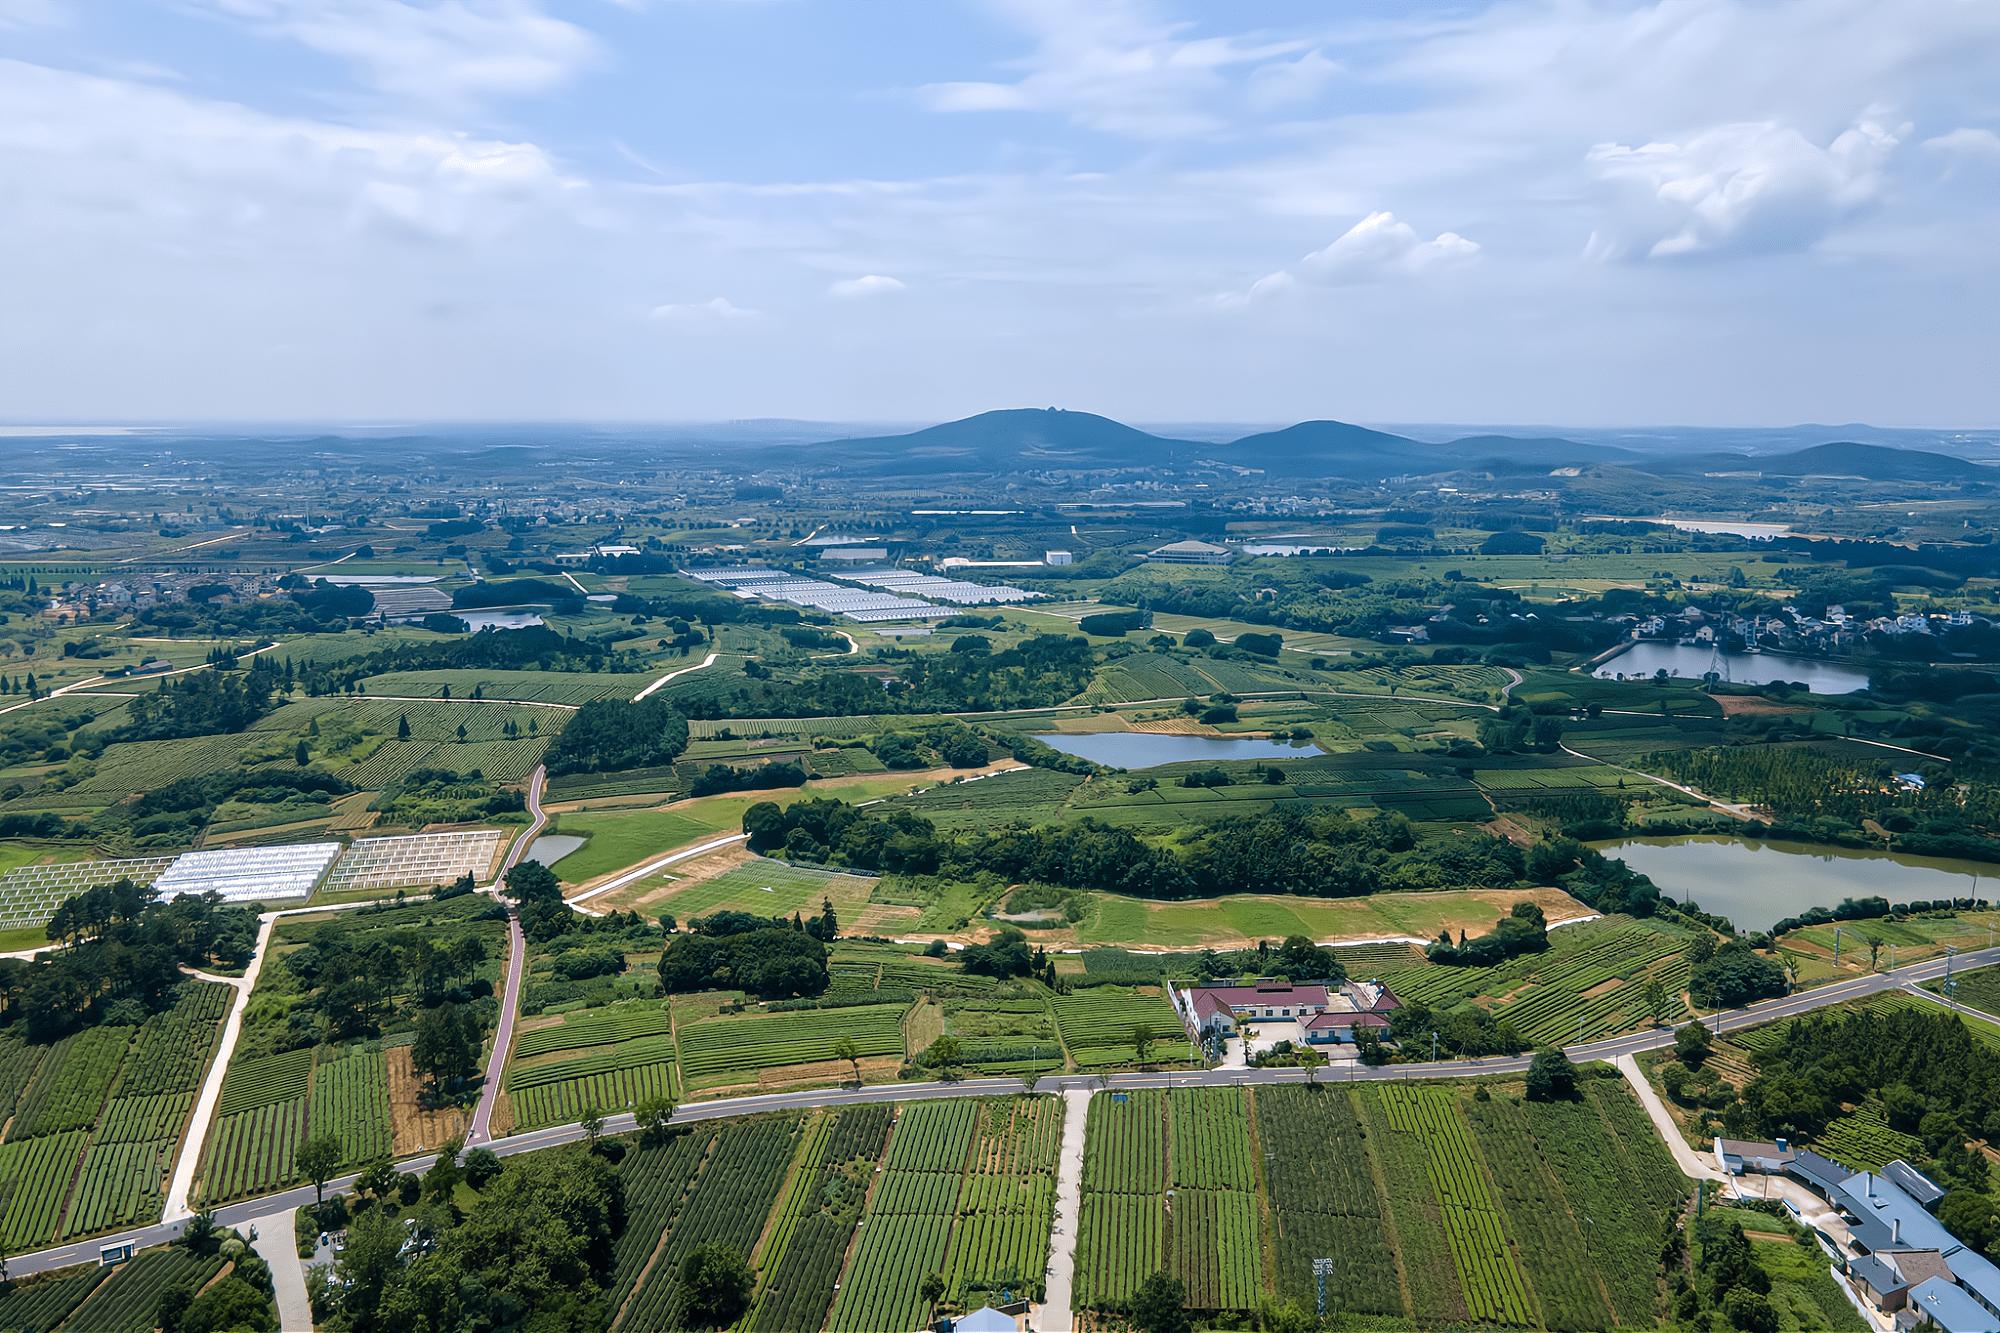 """南京高淳藏着一个美丽乡村,景色美如""""世外桃源"""",知道的人不多"""